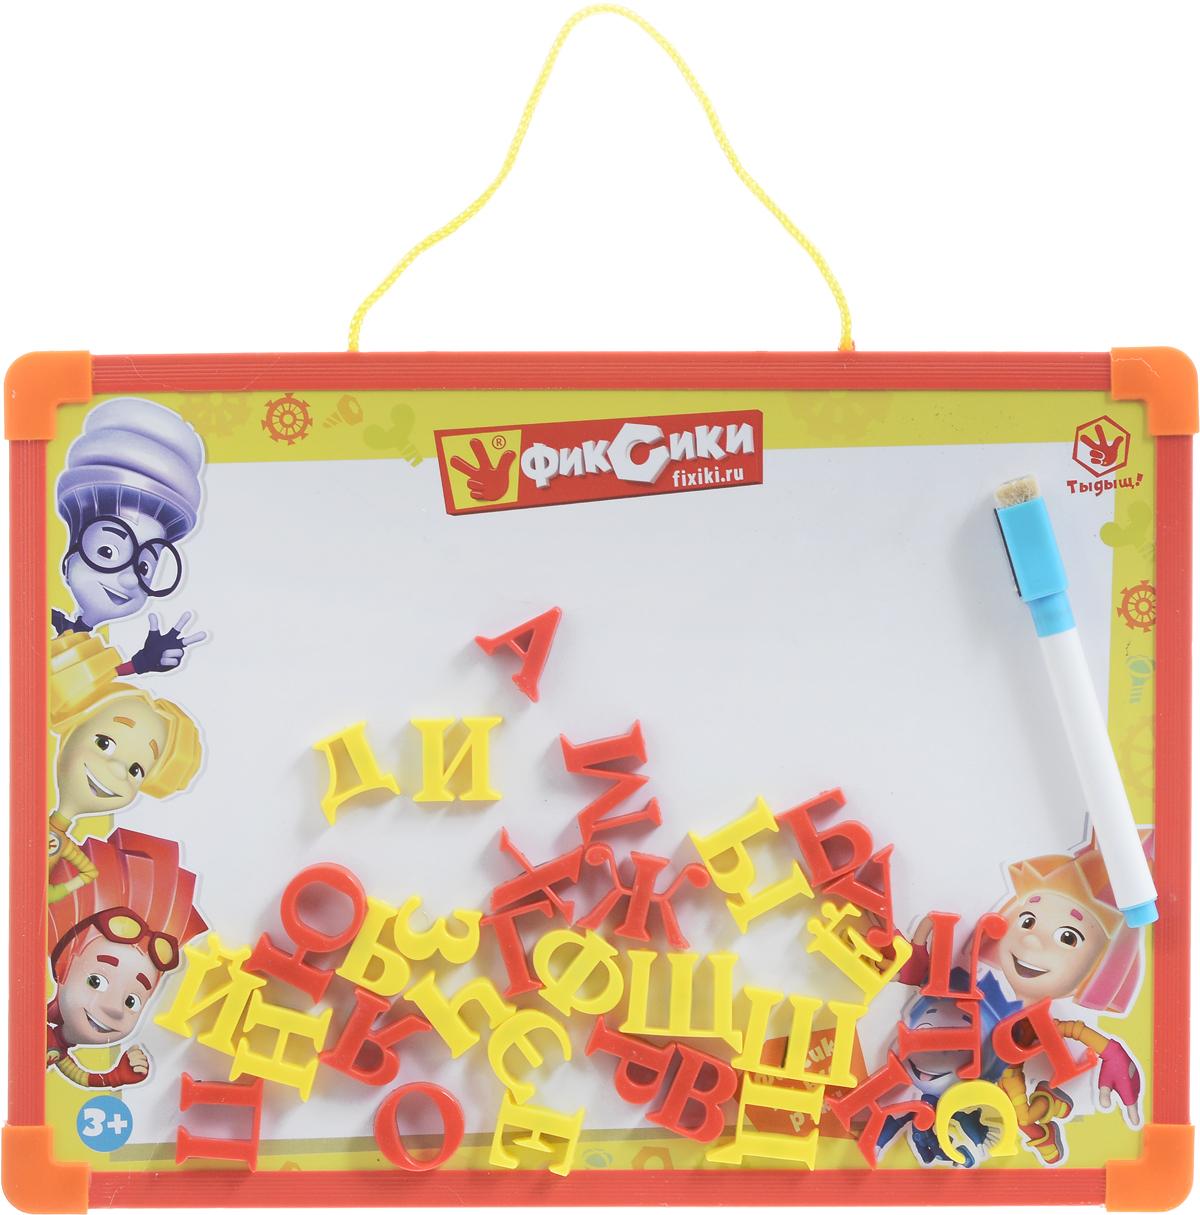 Играем вместе Магнитная доска ФиксикиL787-H27560-FIXМагнитная доска Фиксики - обучающая принадлежность, без которой сегодня не обойтись. На ней можно как рисовать или писать, так и раскладывать магнитные элементы. В комплекте с доской имеется стирающийся маркер и набор букв на магнитиках, при помощи которых ребенок сможет самостоятельно составлять слова. Маркер позволяет ребенку закрепить в памяти полученное знание о новой букве и научиться писать ее. Доска оформлена в тематике любимого мультфильма Фиксики и дополнена удобной веревочкой для подвешивания. Магнитная доска Фиксики от Играем вместе предназначена для детей среднего и старшего дошкольного возраста с целью наглядно познакомить их с буквами алфавита. Занимаясь с ребенком, с помощью этой доски вы постепенно подготовите его к школьным занятиям и спасете стены вашего жилья от росписи юным художником.